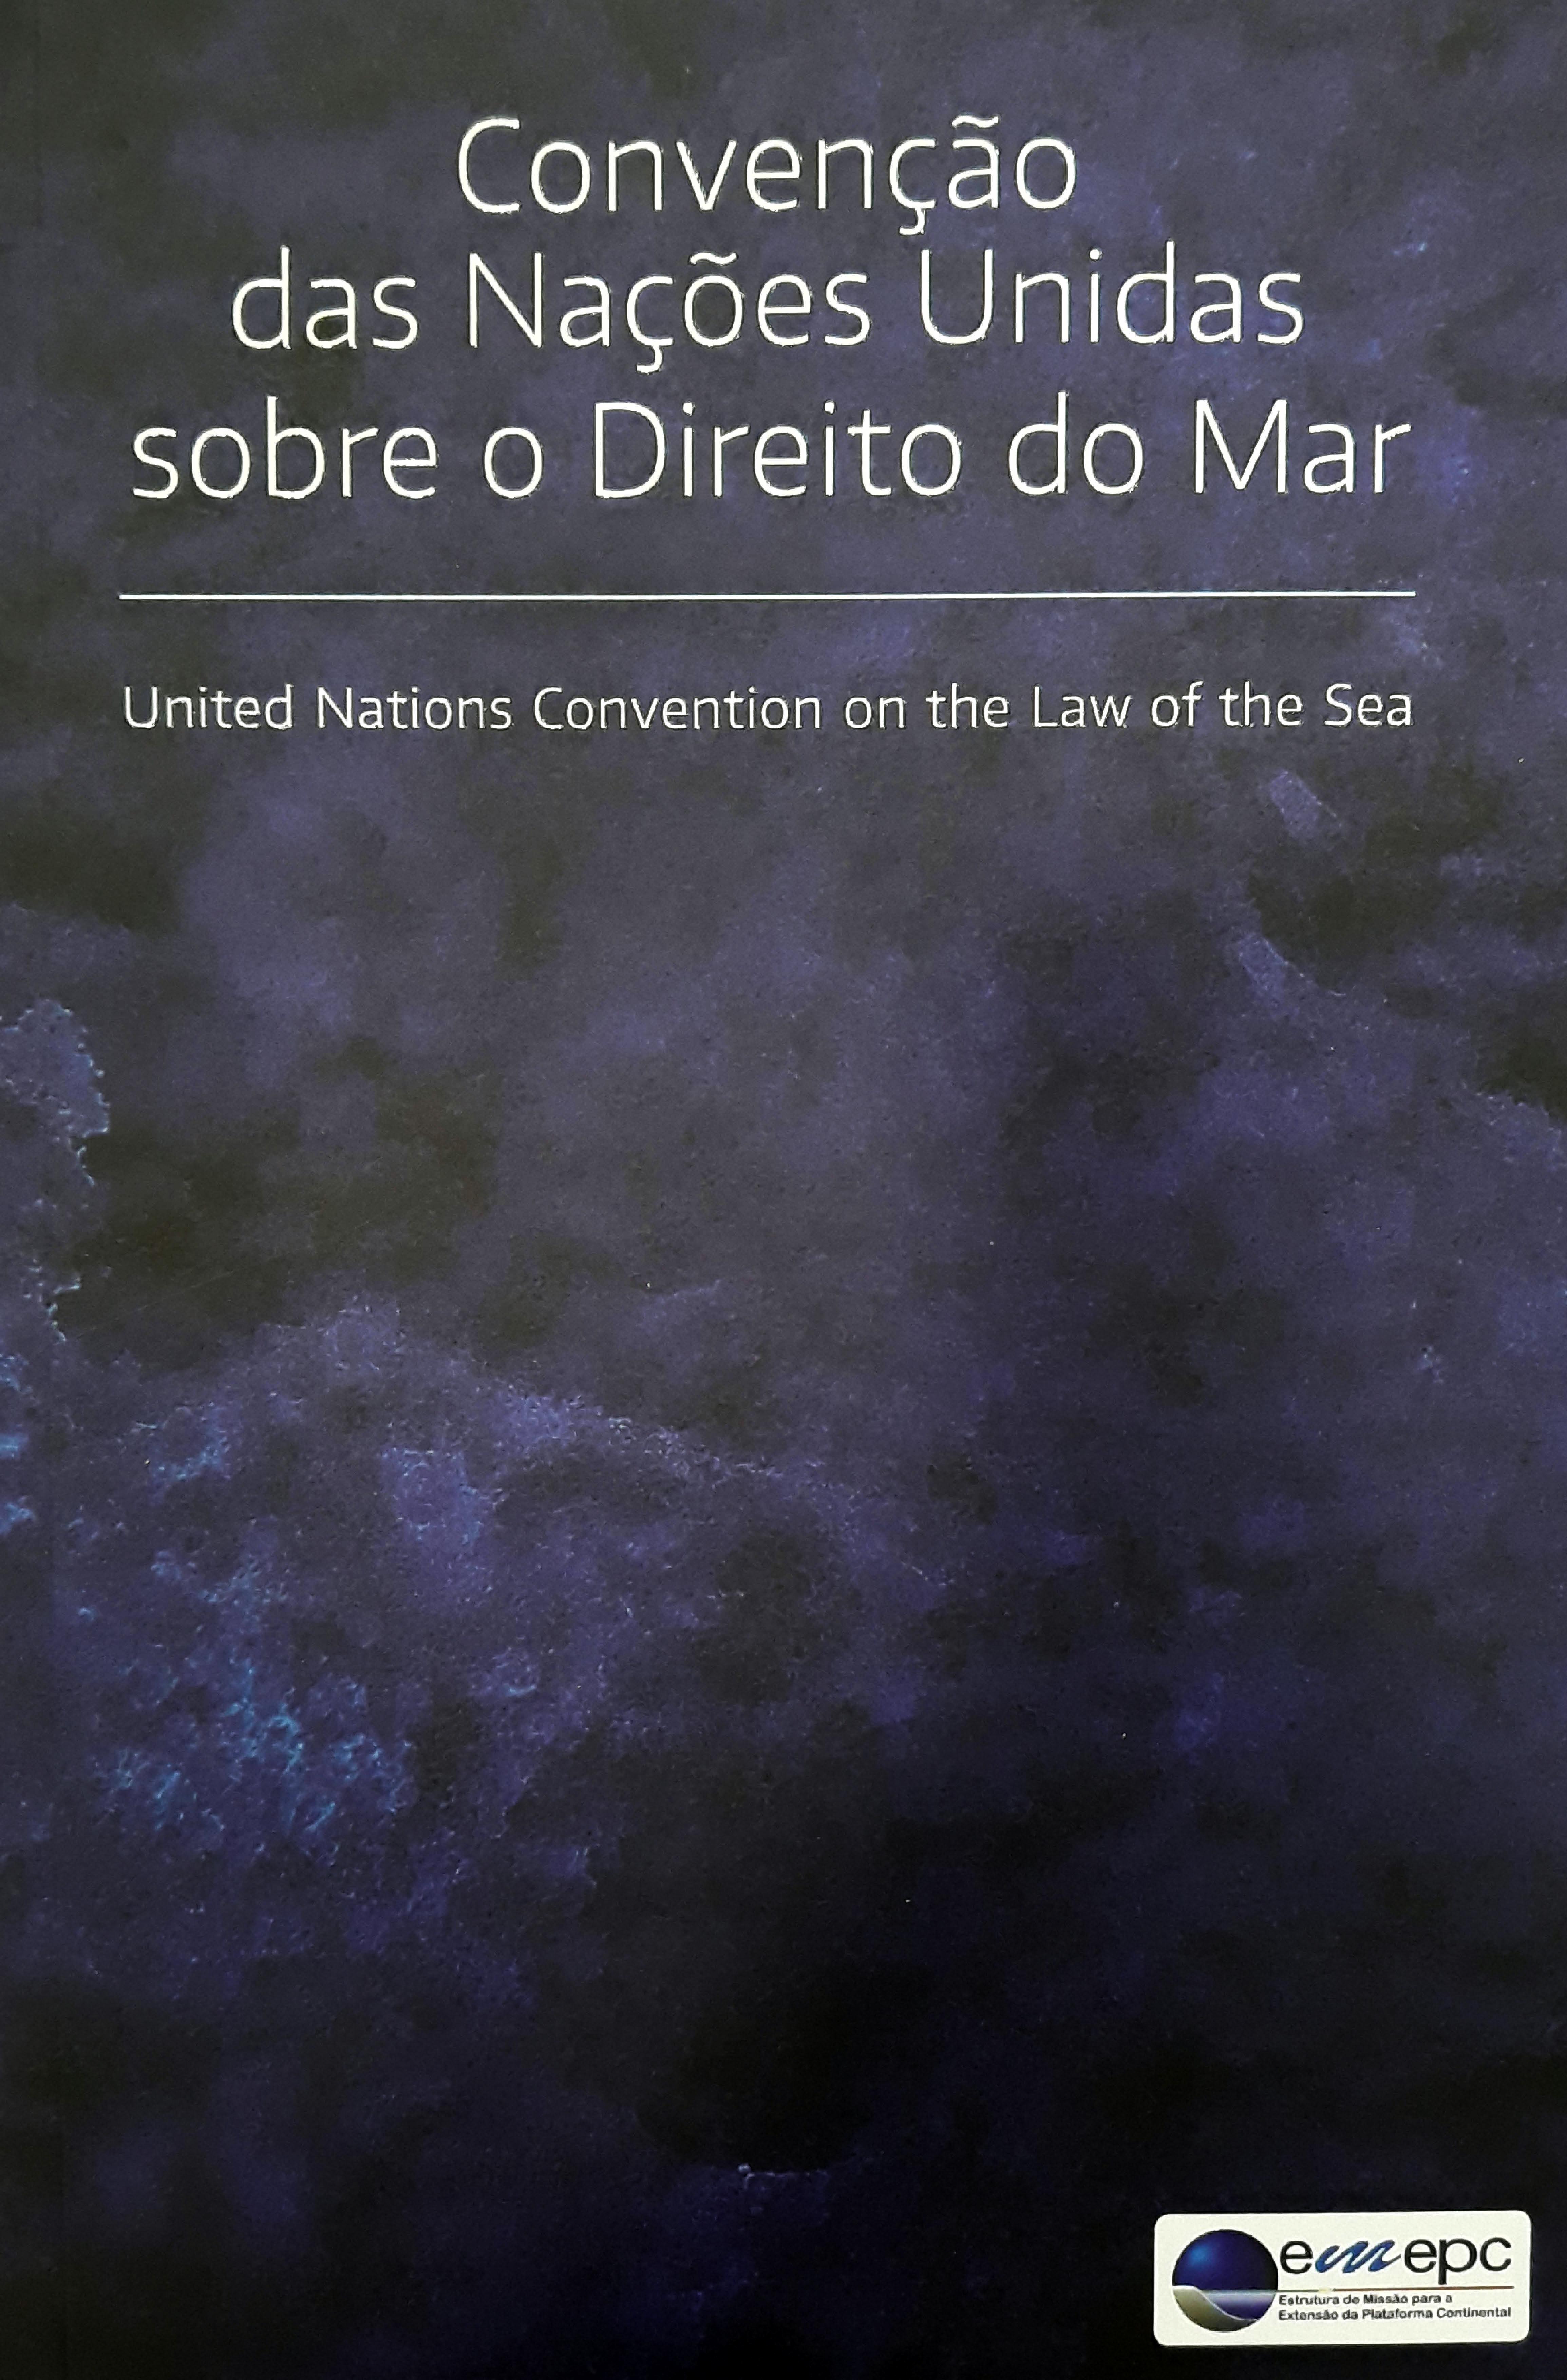 Convenção das Nações Unidas